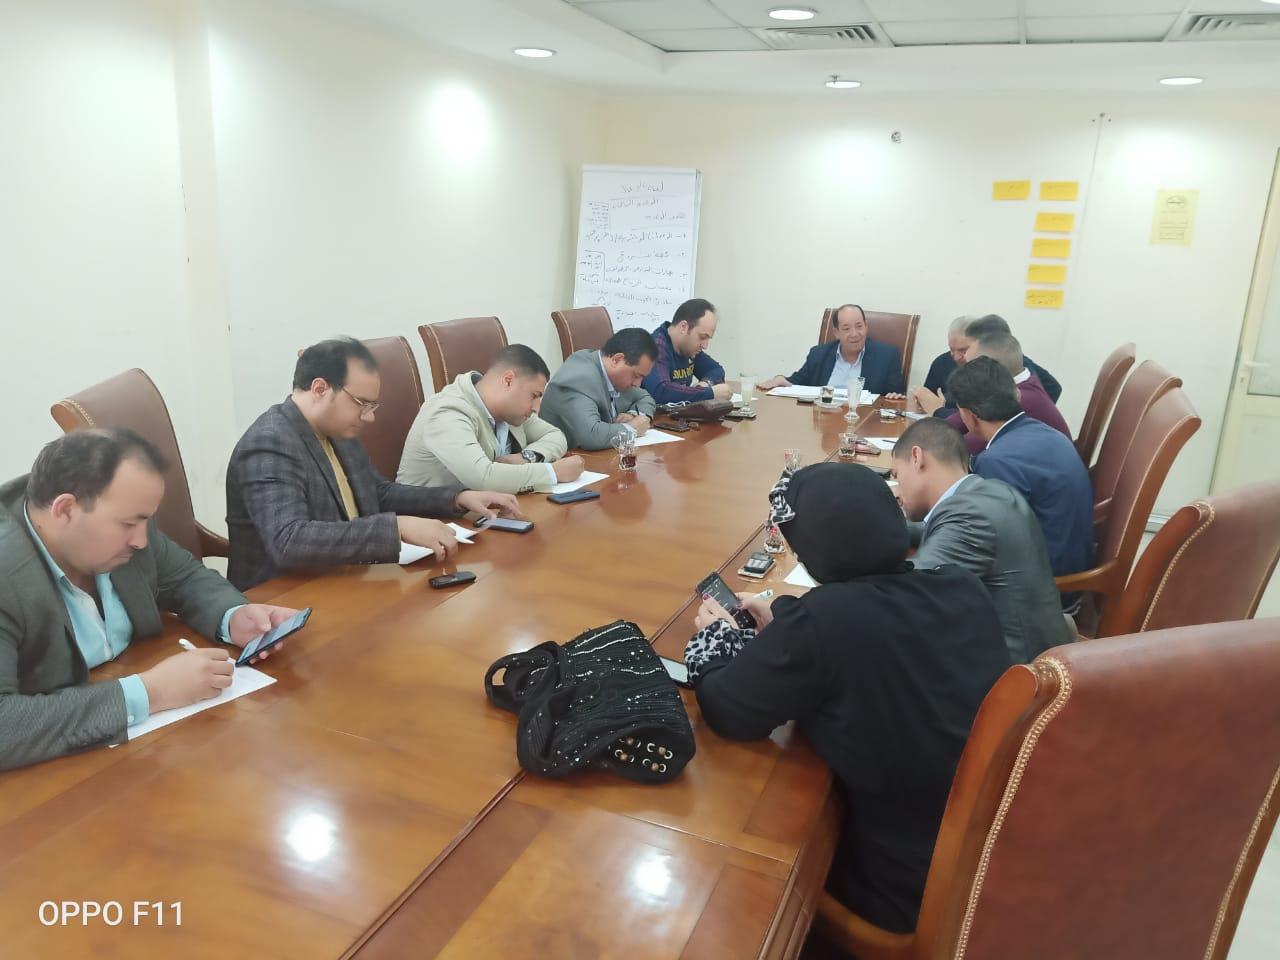 اجتماع الغرفة التجارية (2)